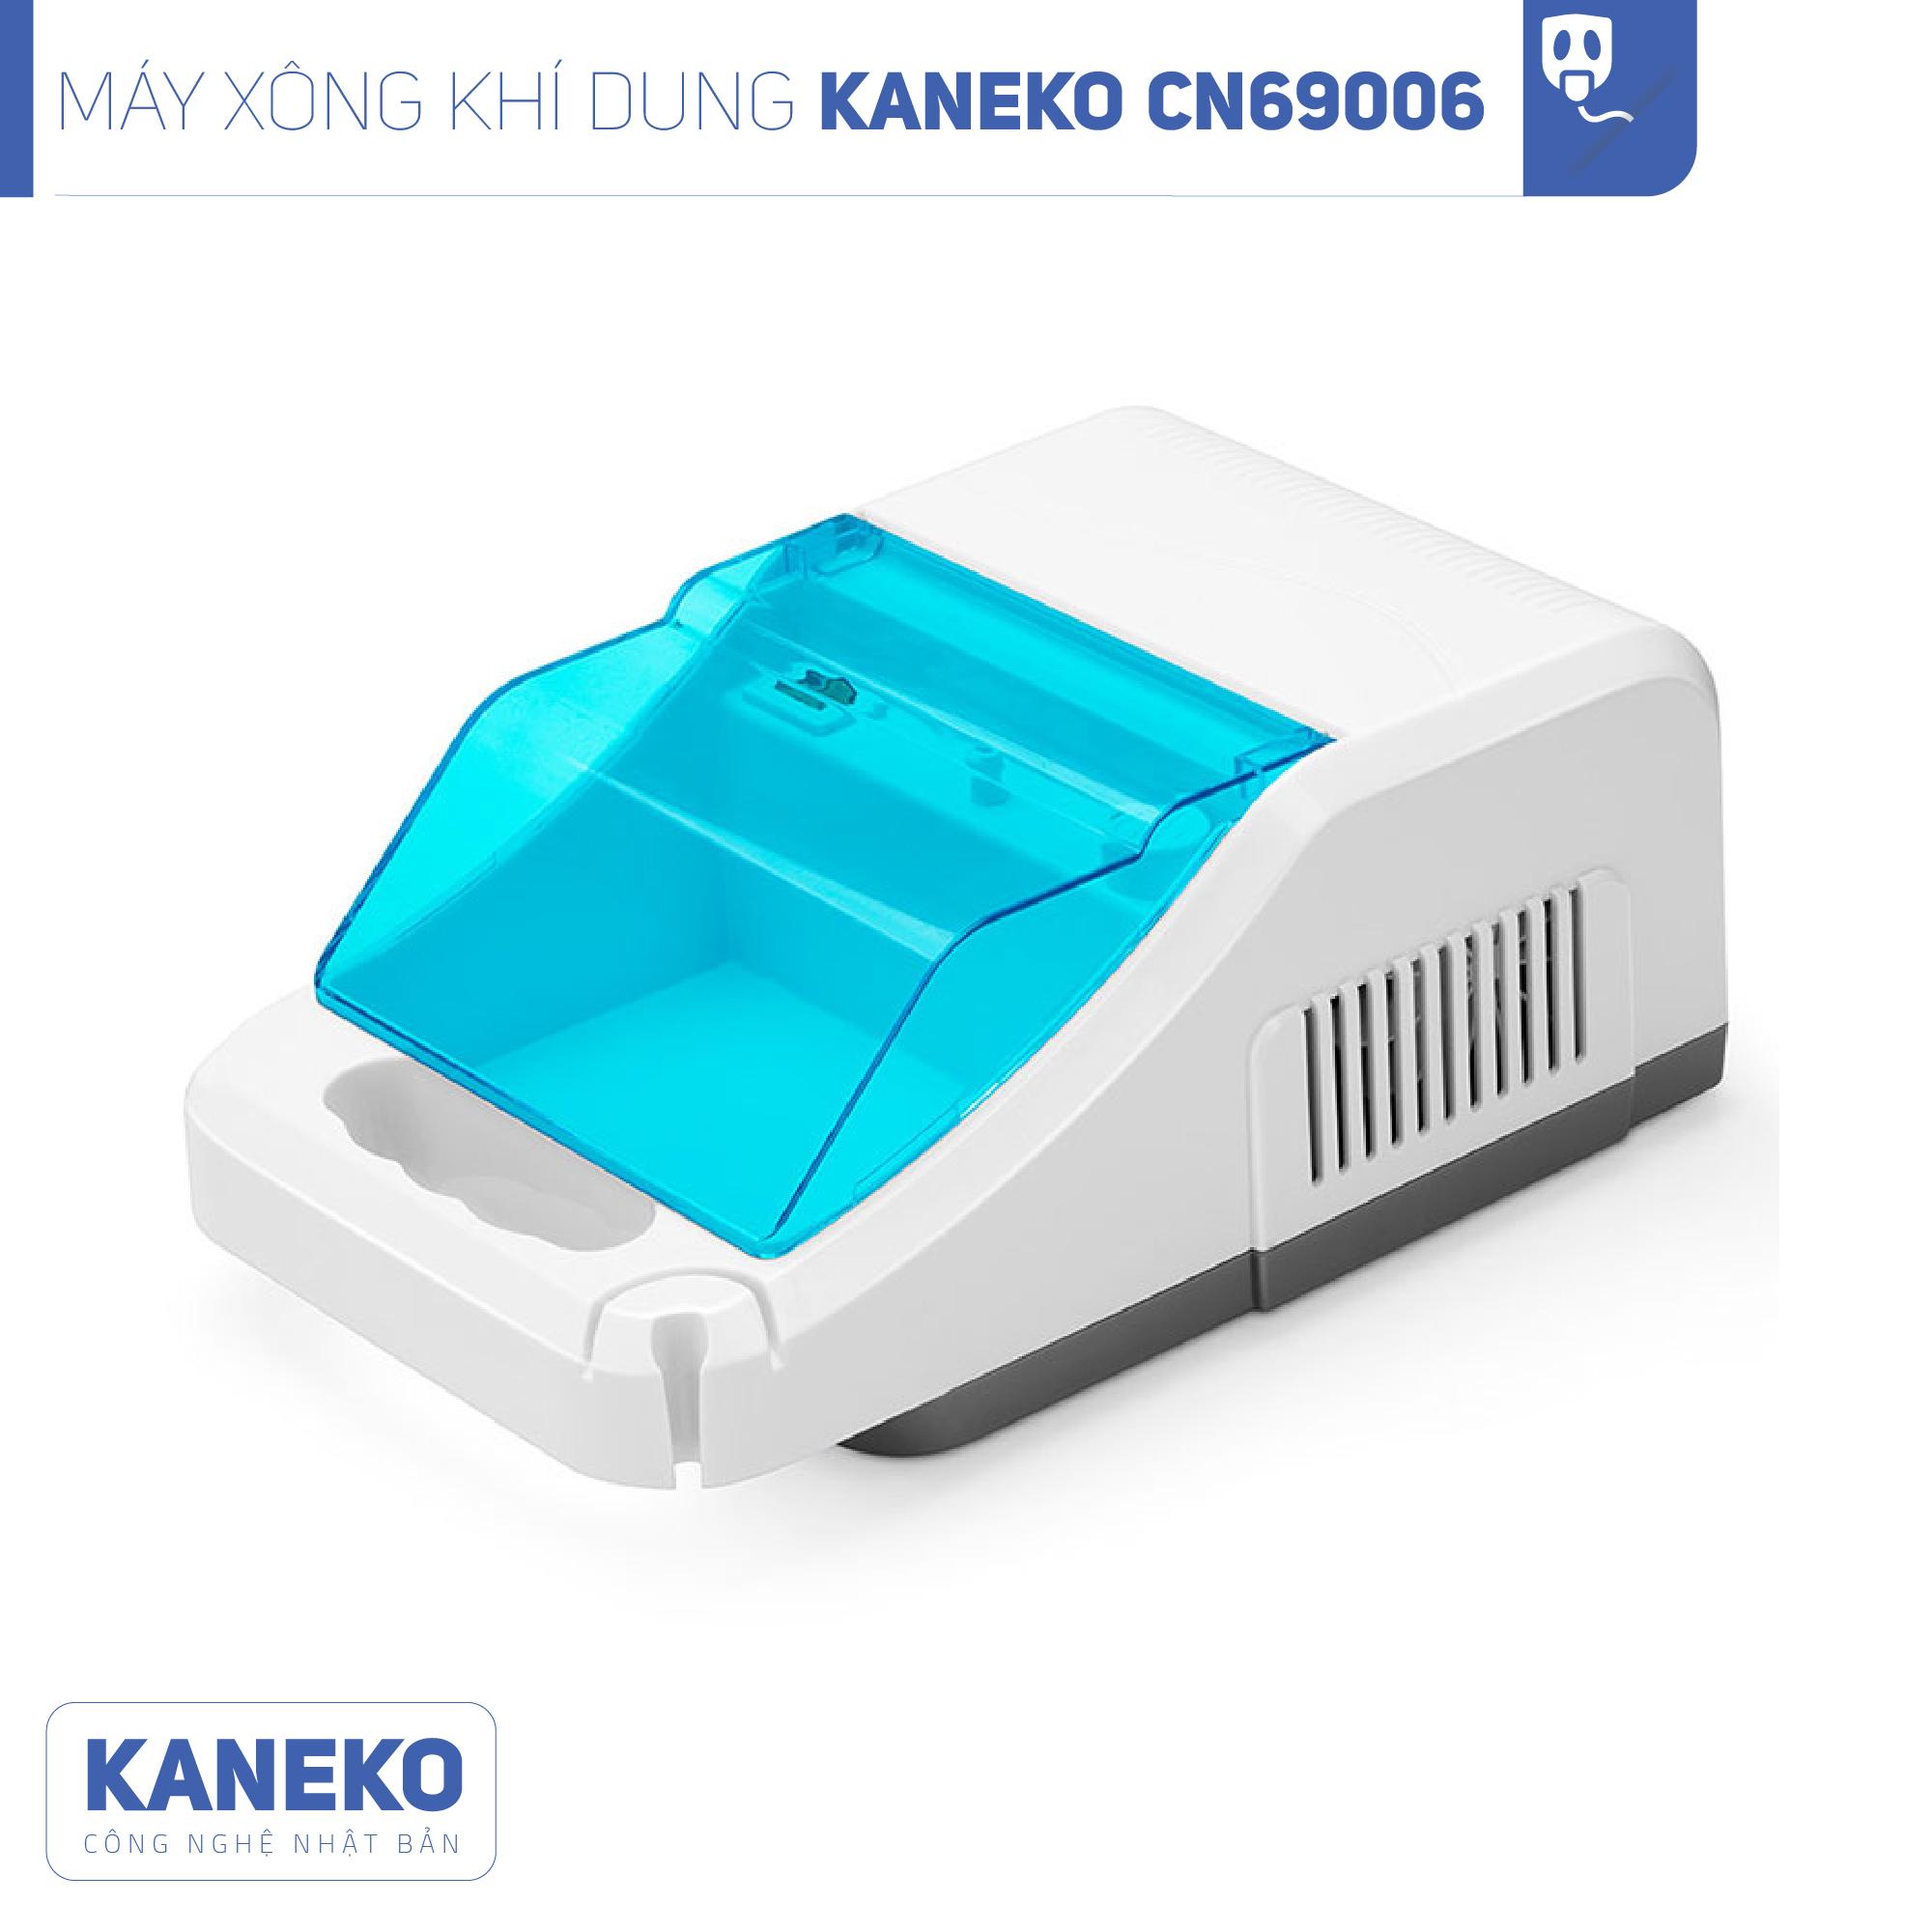 Máy xông khí dung KANEKO CNB69016,Máy xông họng,Máy xông mũi,Máy xông mũi họng,Máy khí dung,Máy xông khí dung công nghệ nhật bản,Máy xông mũi họng khí dung